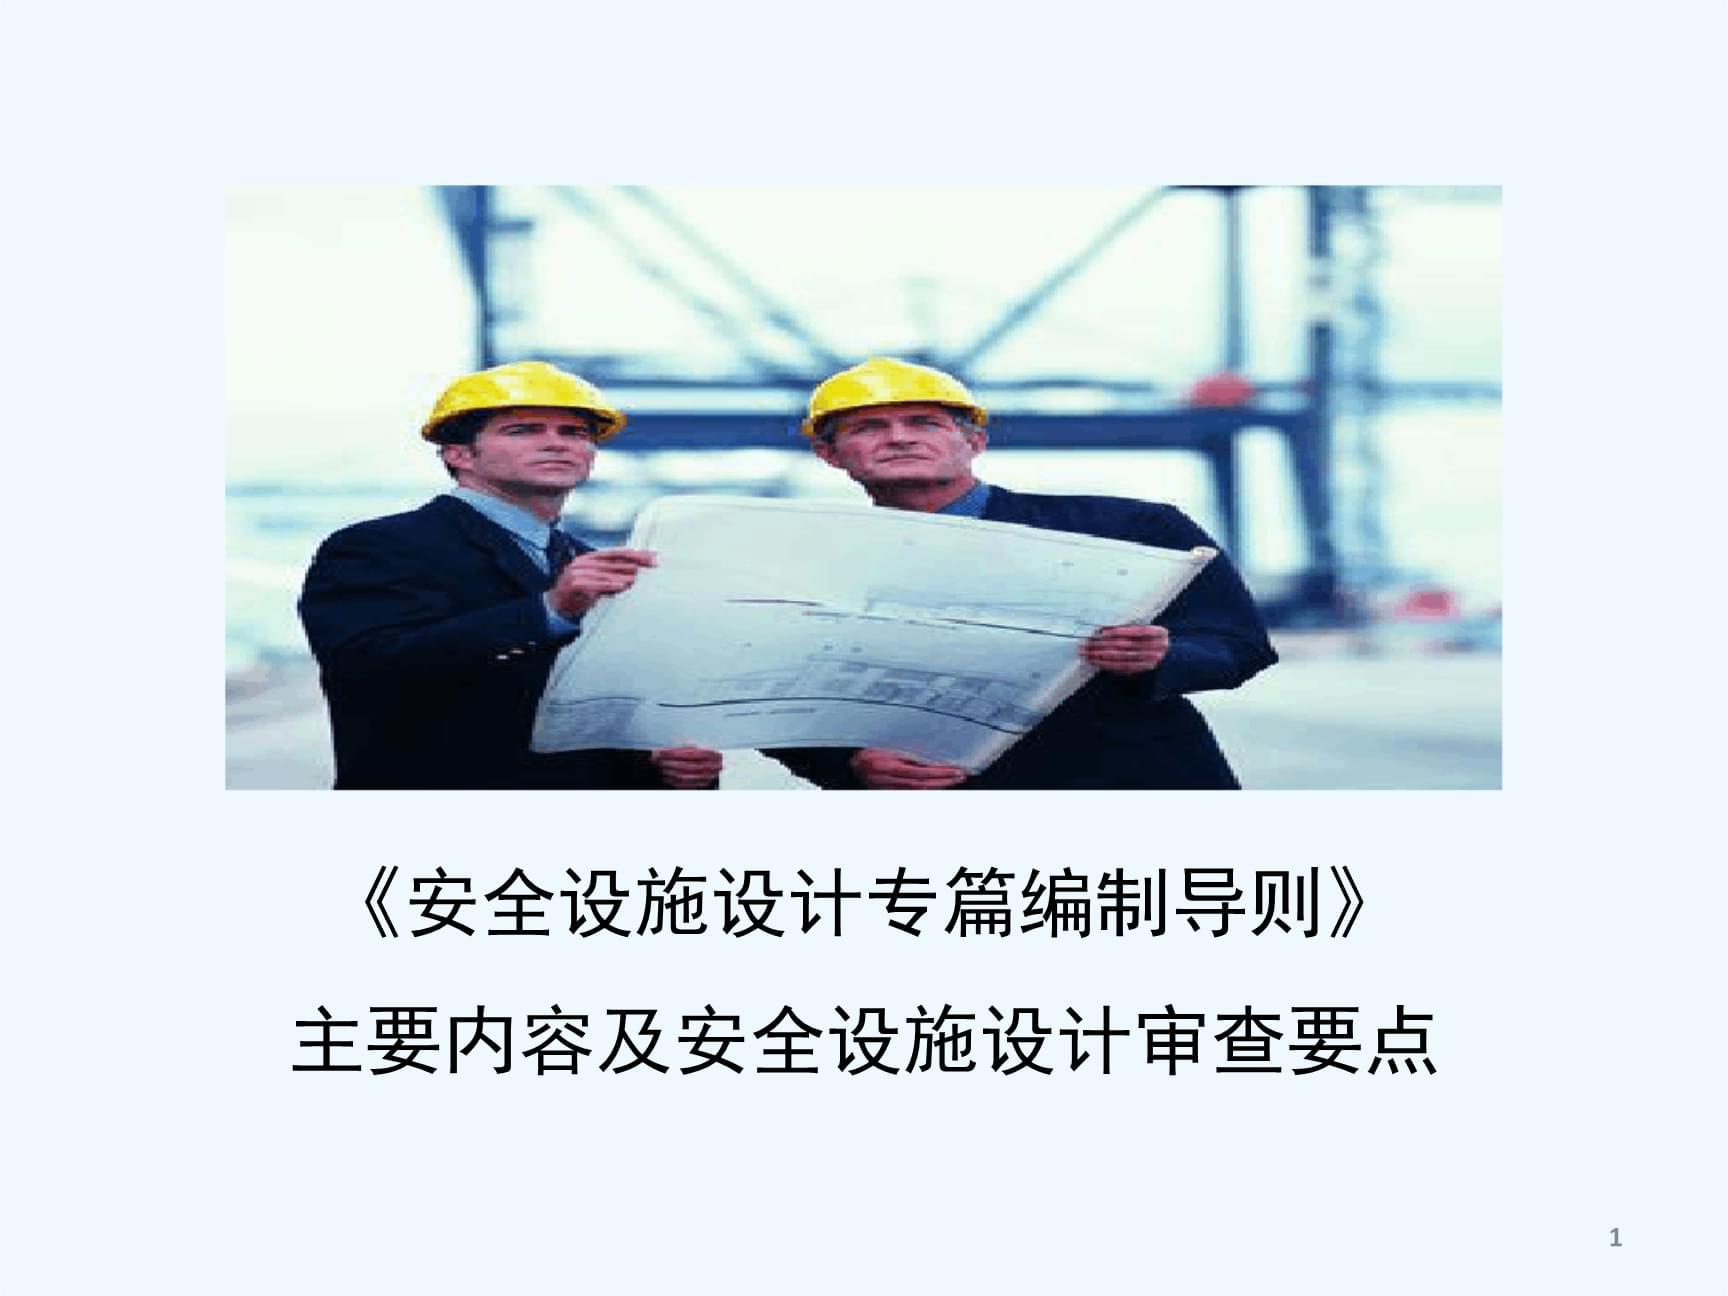 安全设施设计专篇编制导则主要内容及安全设施设计审查要点.ppt